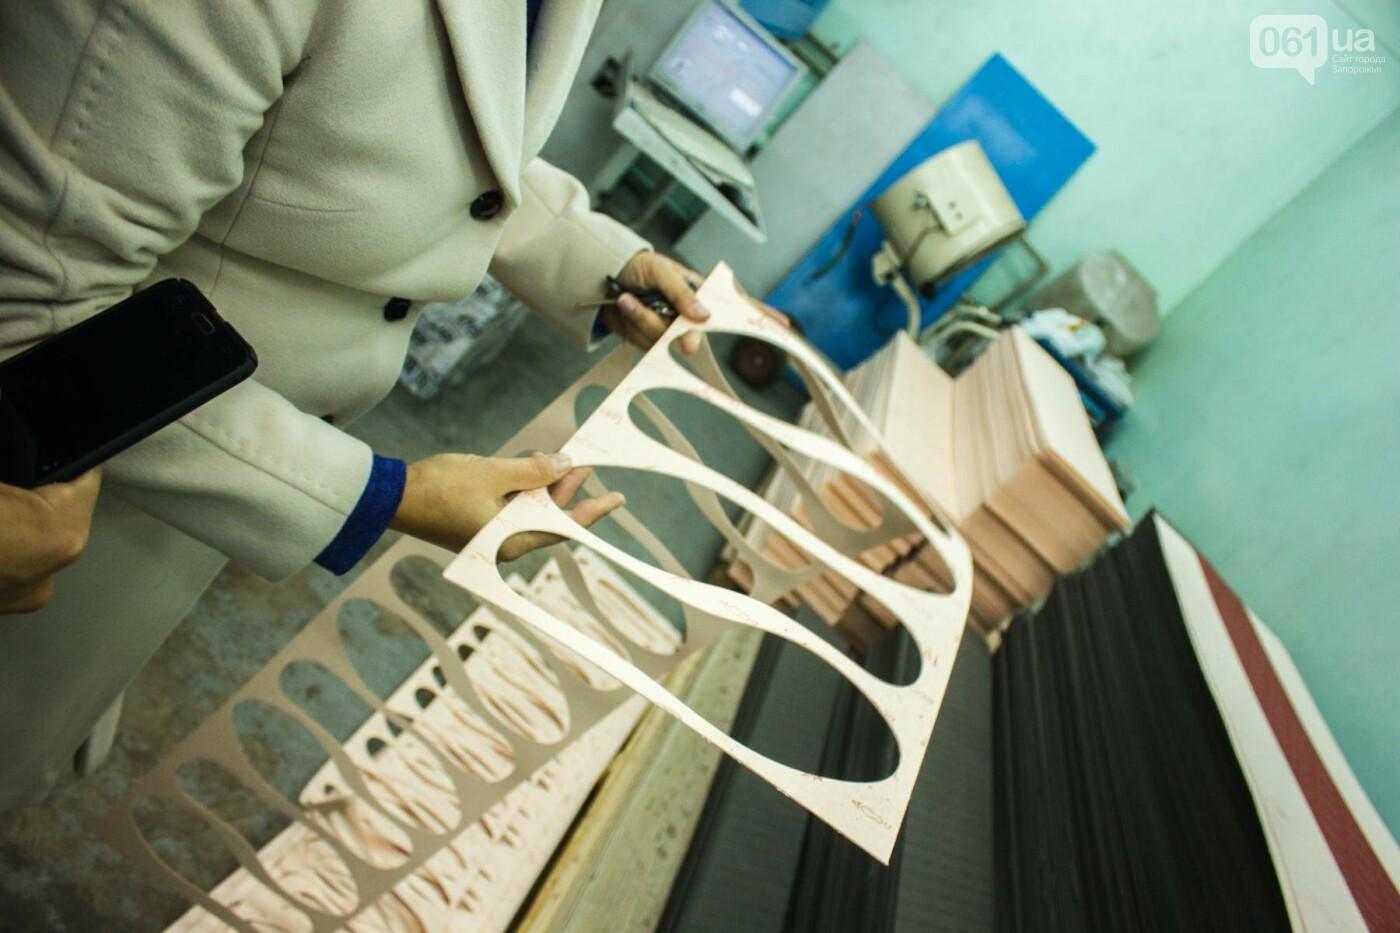 Как создается обувь: экскурсия на запорожскую обувную фабрику, – ФОТОРЕПОРТАЖ, фото-32